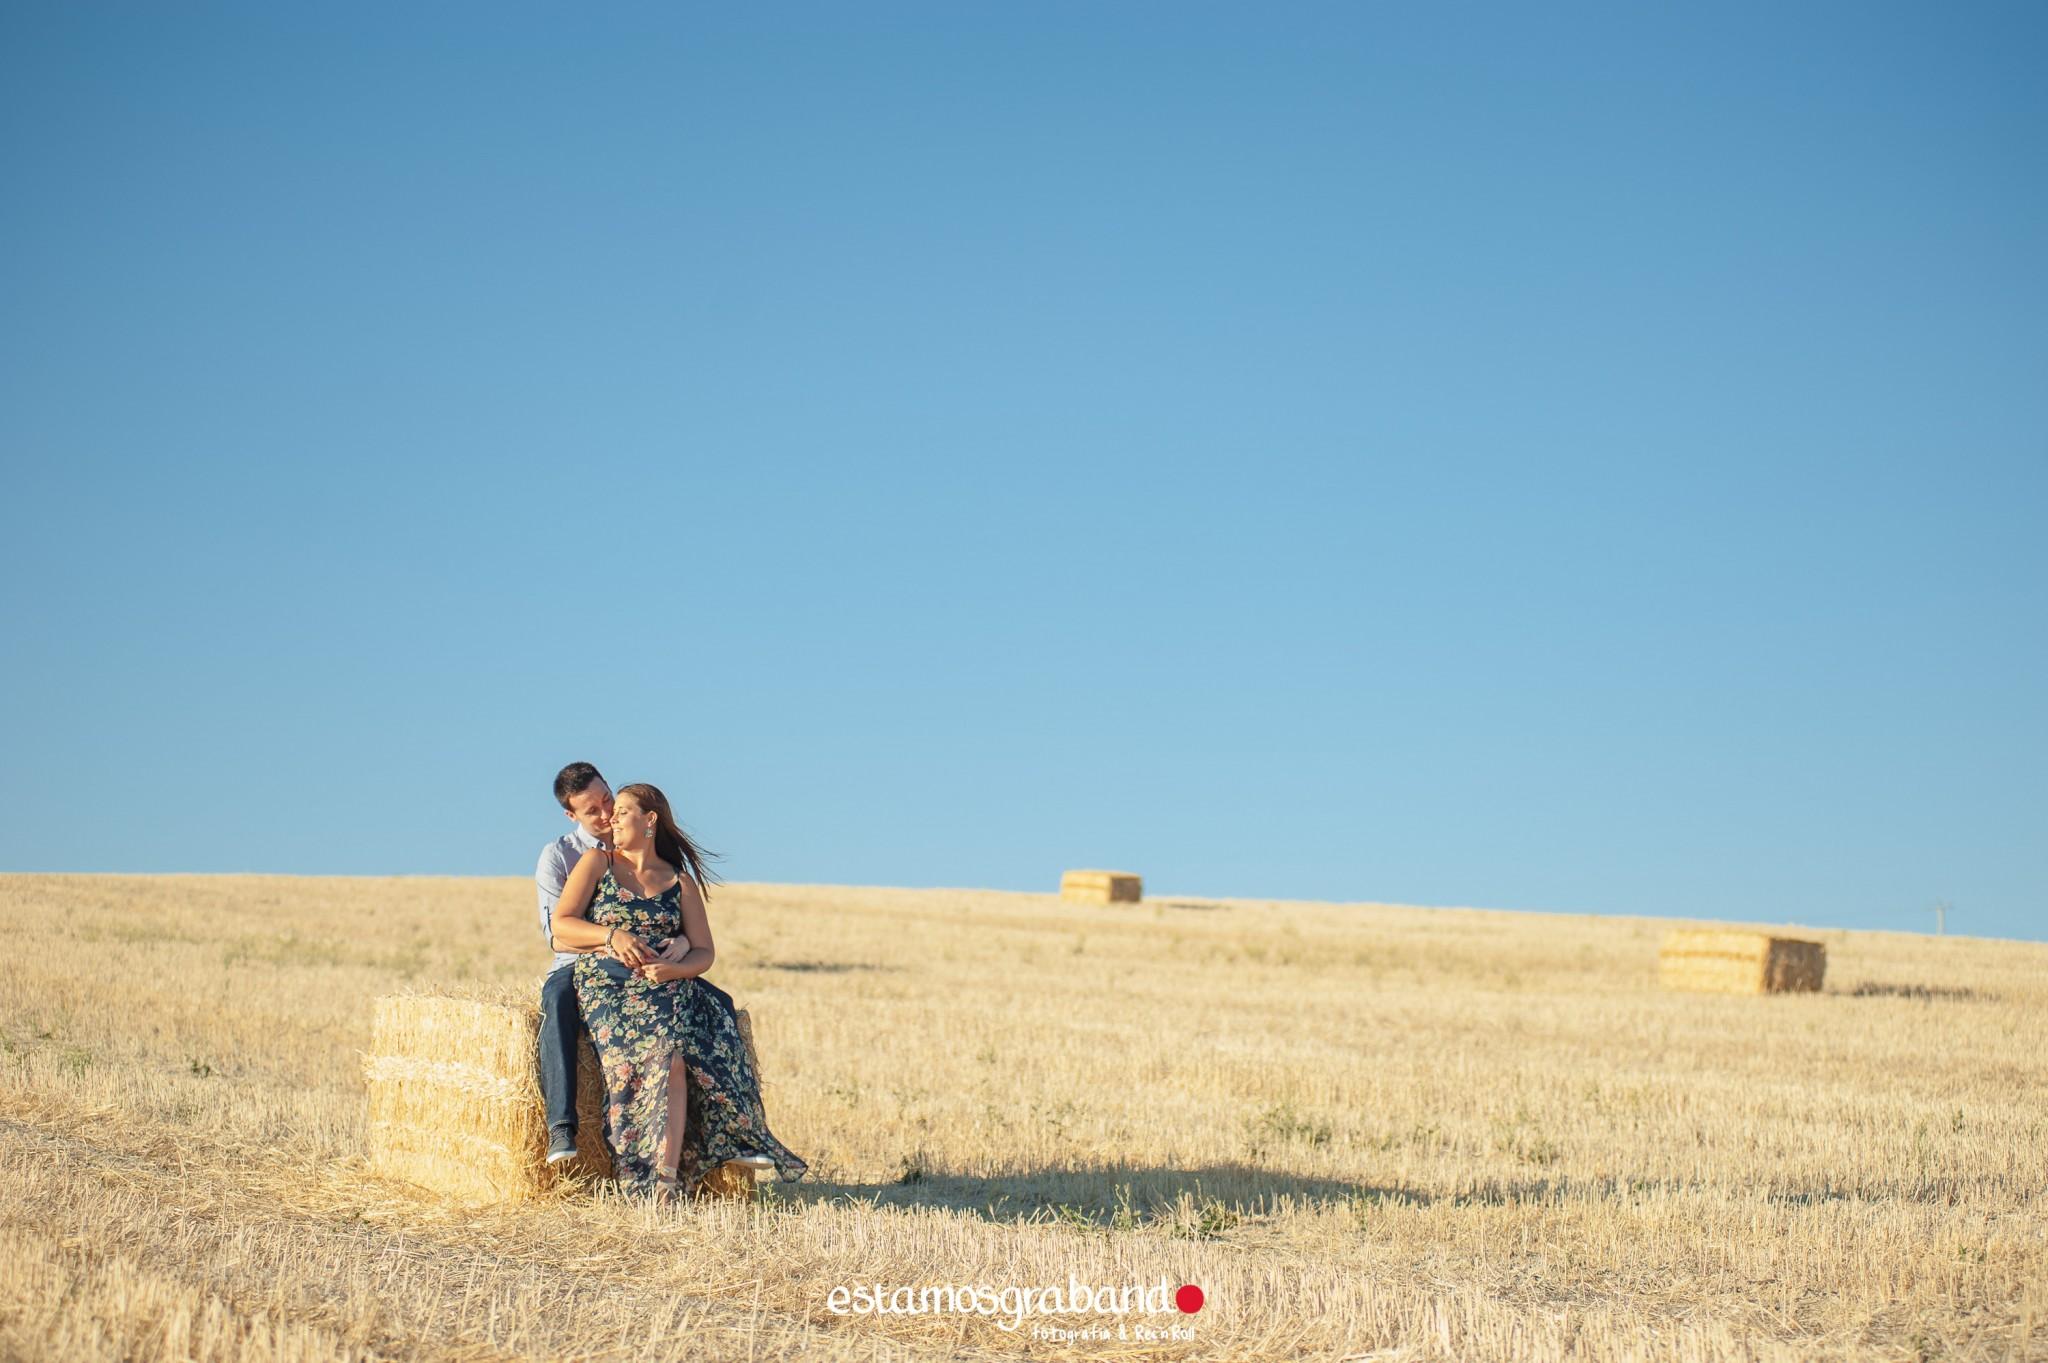 preboda-may-y-sergio-preboda-sesion-rec-and-rollera-fotos-de-pareja-e-session-fotos-boda-jerez-fotos-boda-jerez_-30 10 días [Preboda May & Sergio] - video boda cadiz